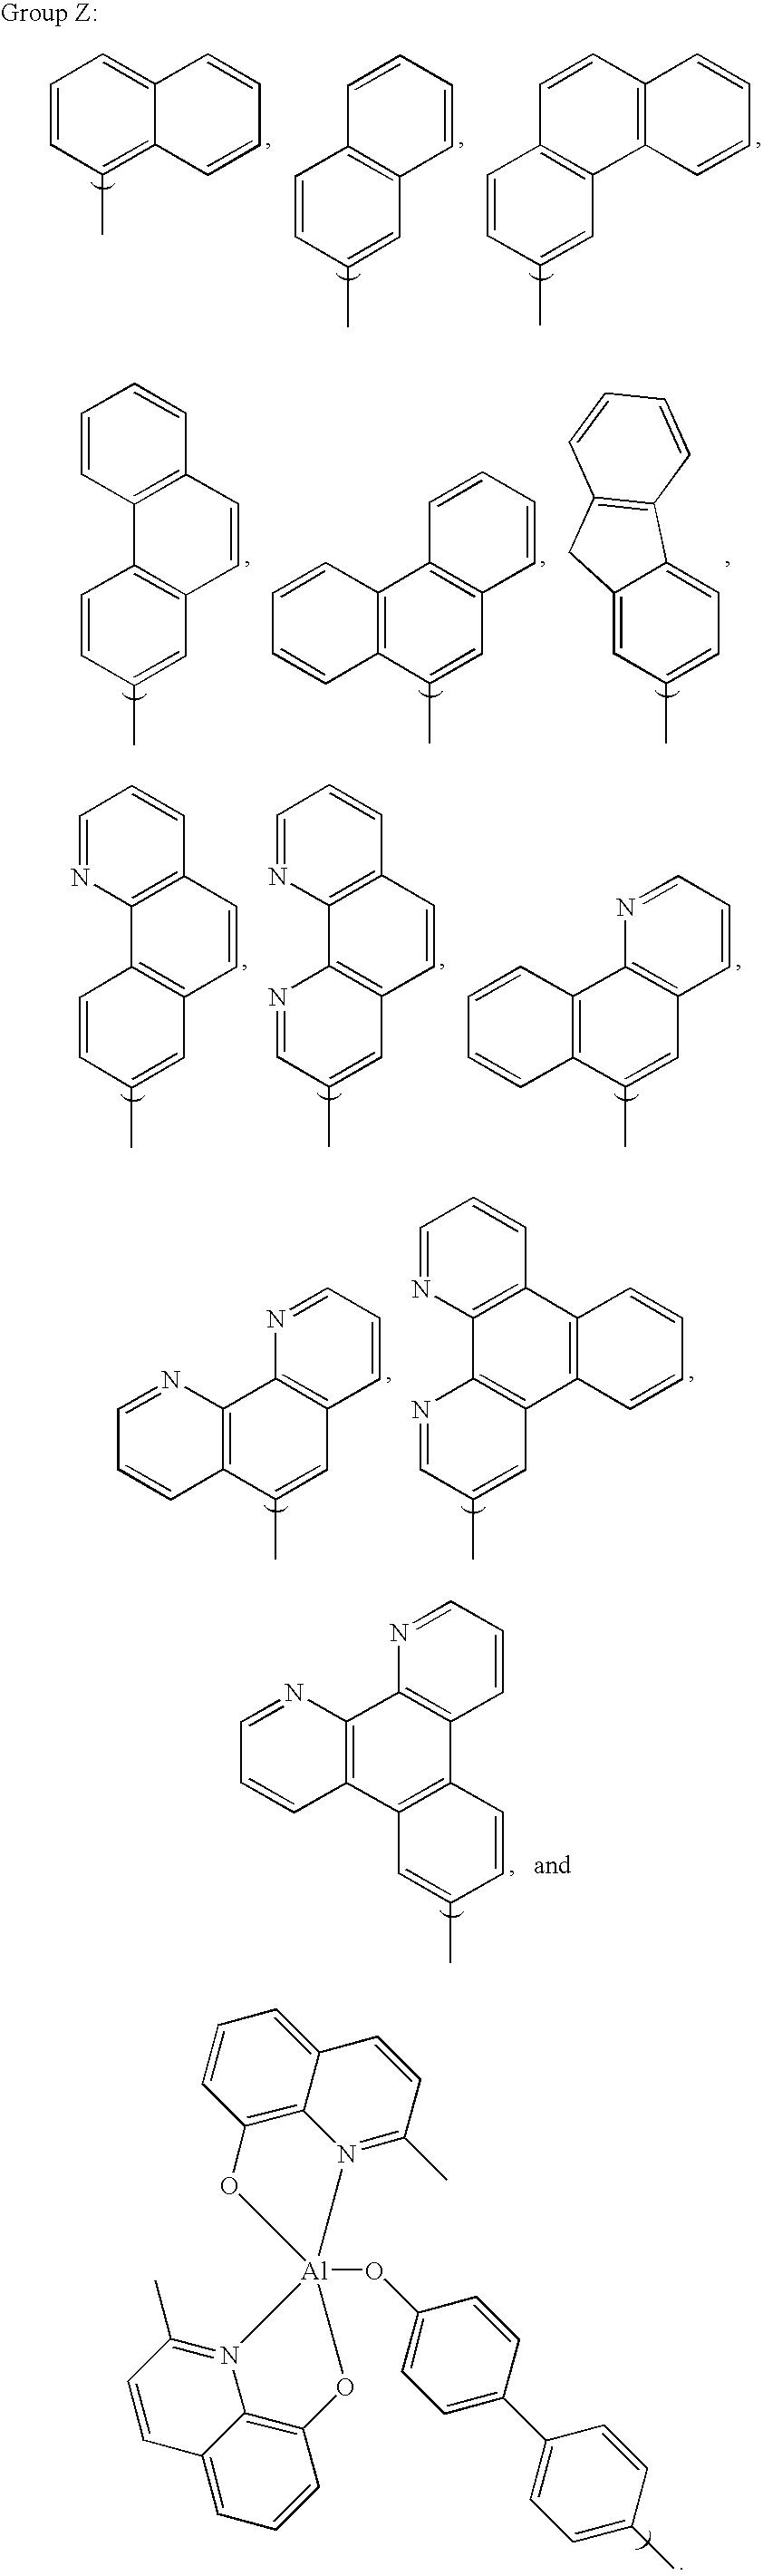 Figure US20080280163A1-20081113-C00011